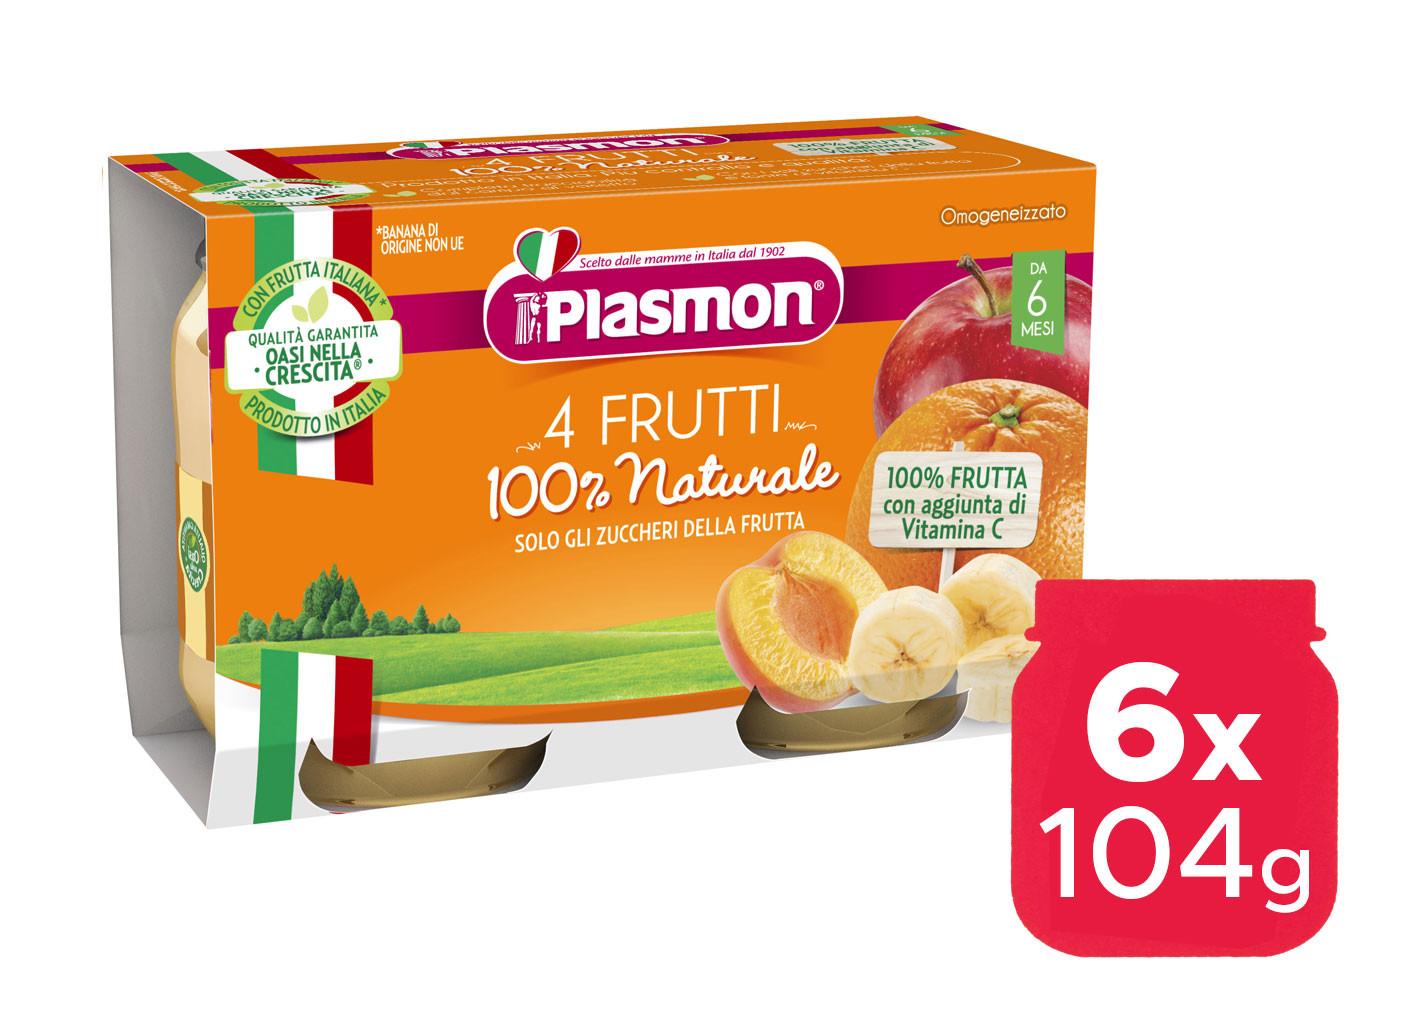 Omogeneizzato 4 Frutti Plasmon - 6 x 104 g